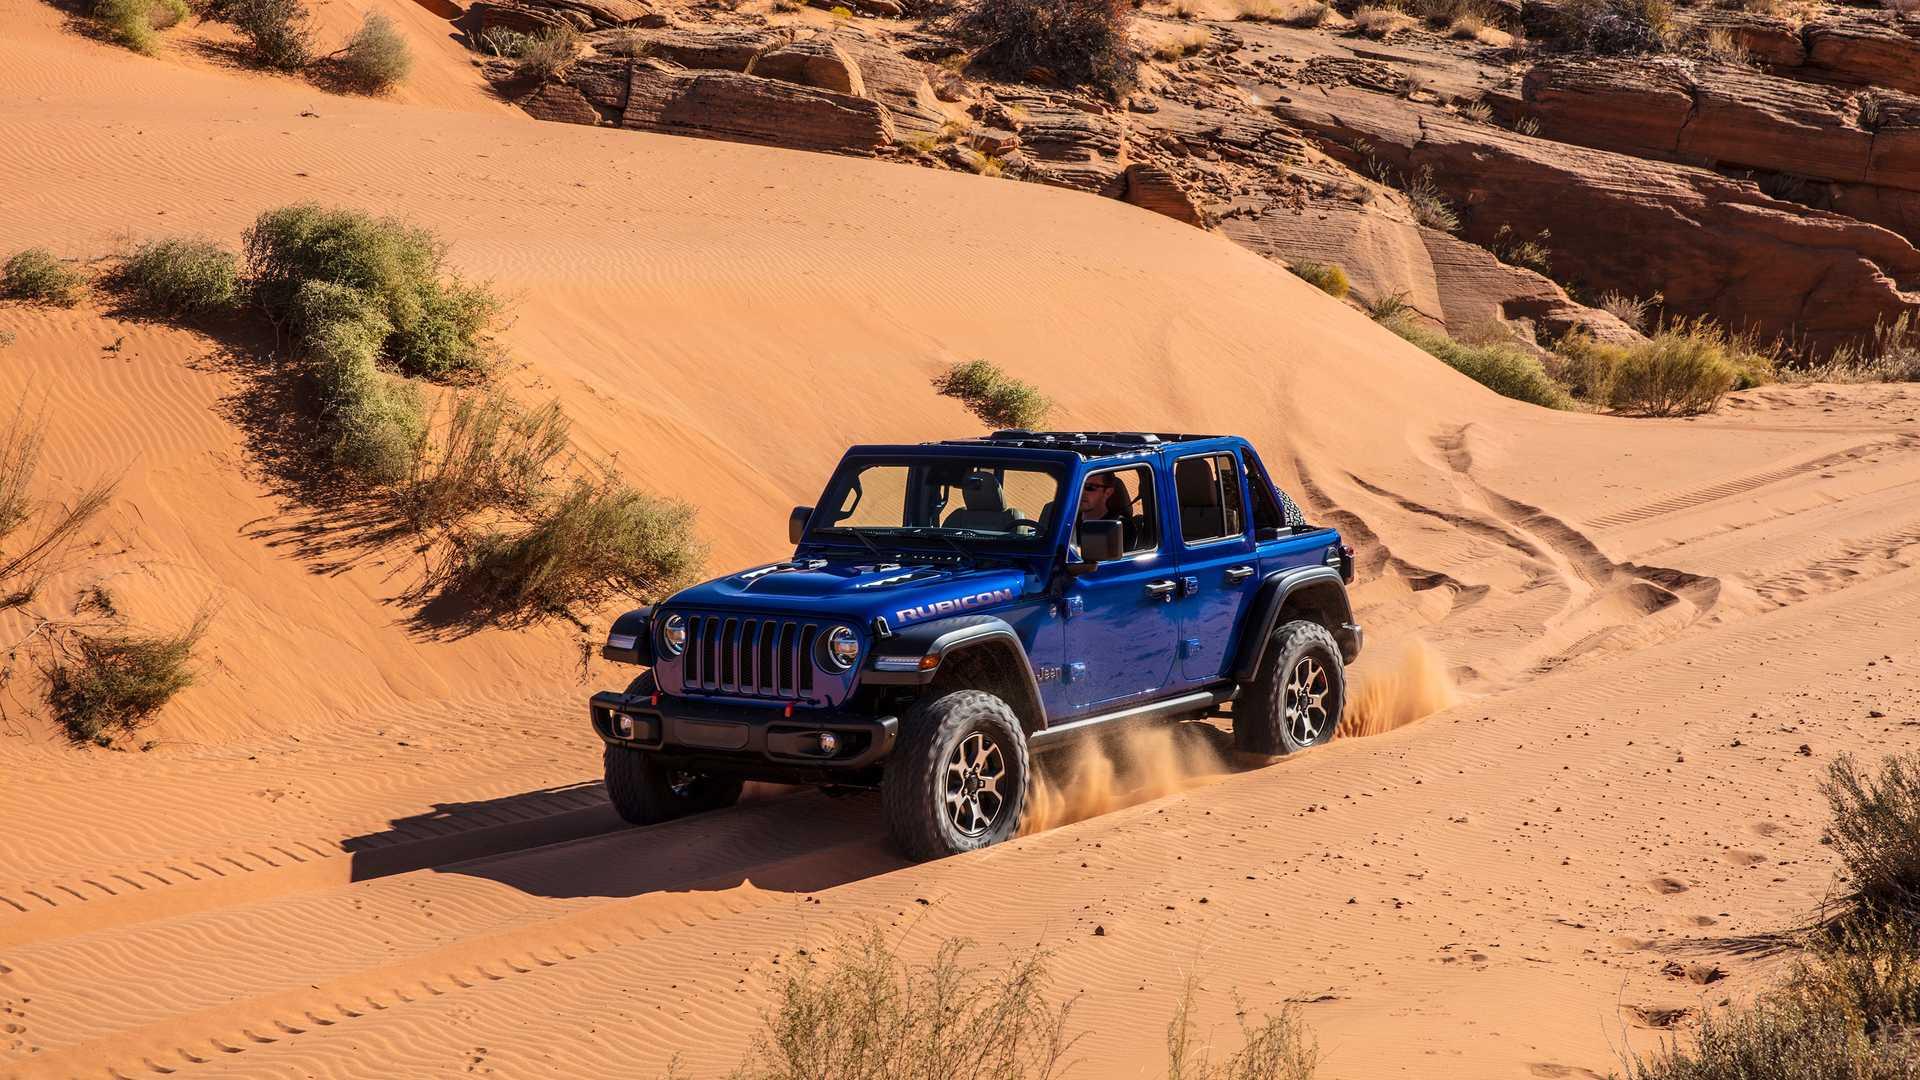 Jeep Wrangler Hibrido Enchufable Electrico 4